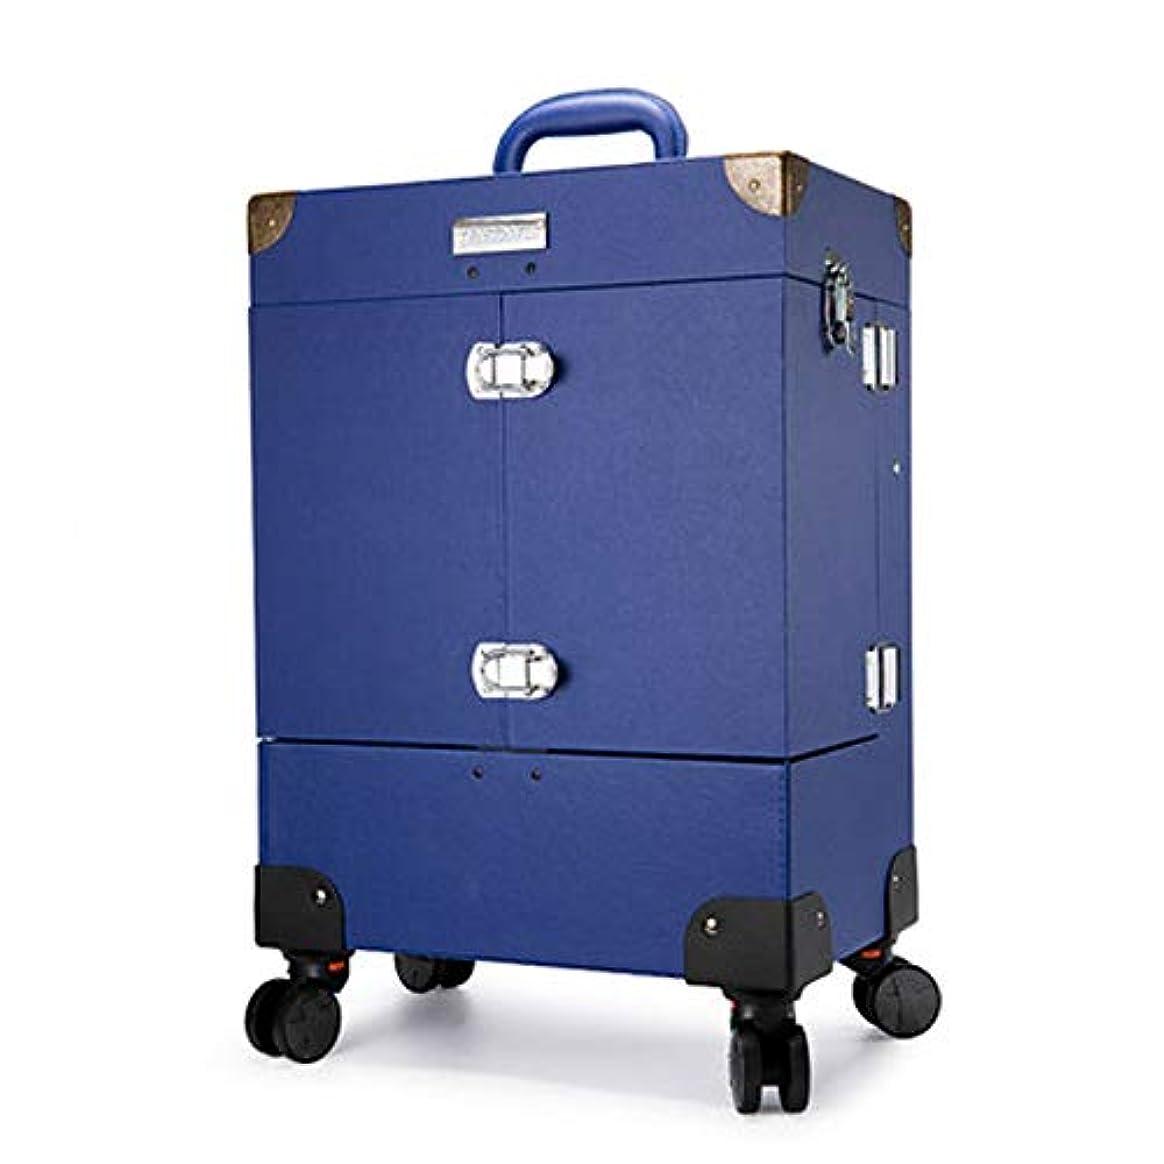 ペッカディロ適切に警告するプロ専用 ネイリスト クローゼット スーツケース ネイル収納 メイクボックス キャリーバッグ ヘアメイク ネイル 大容量 軽量 高品質 多機能 プロ I-JL-3505T-BL